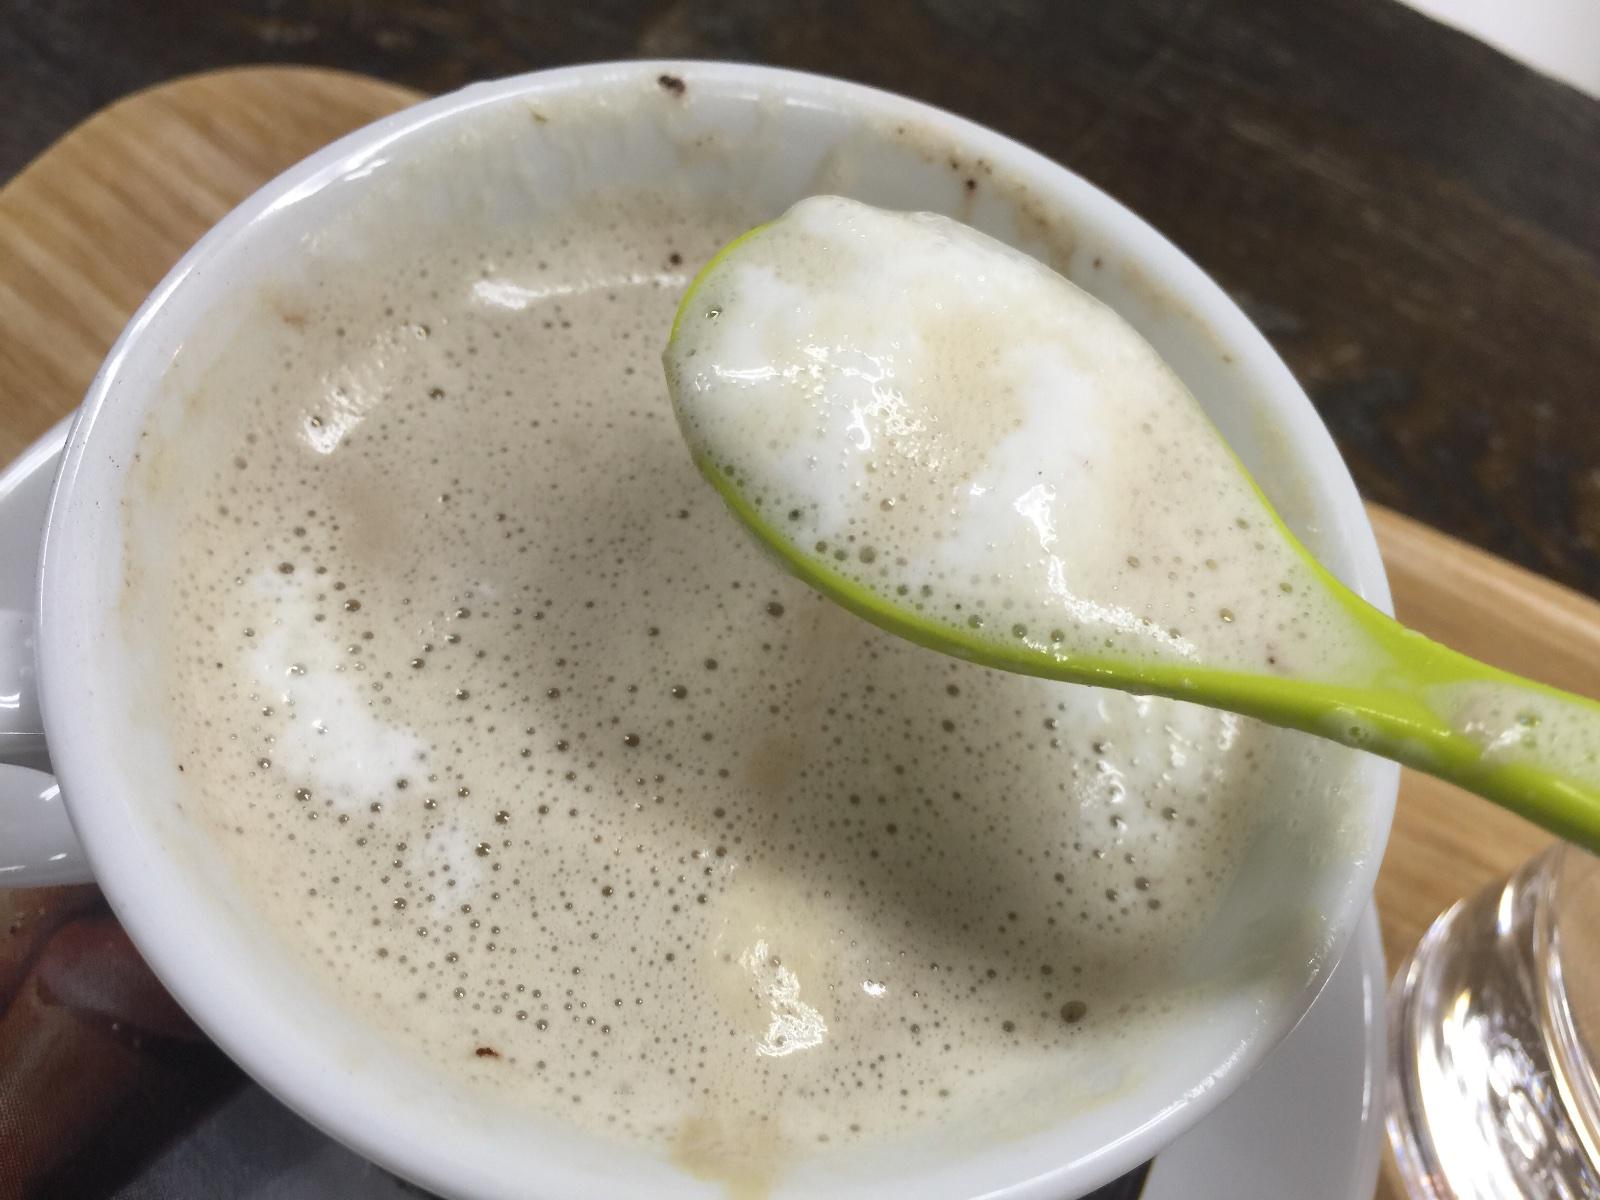 新世界にあるこだわりのコーヒー屋さん【スラウェシ ビーンズ ジャパン】マシュマロ入りラテトロトロ